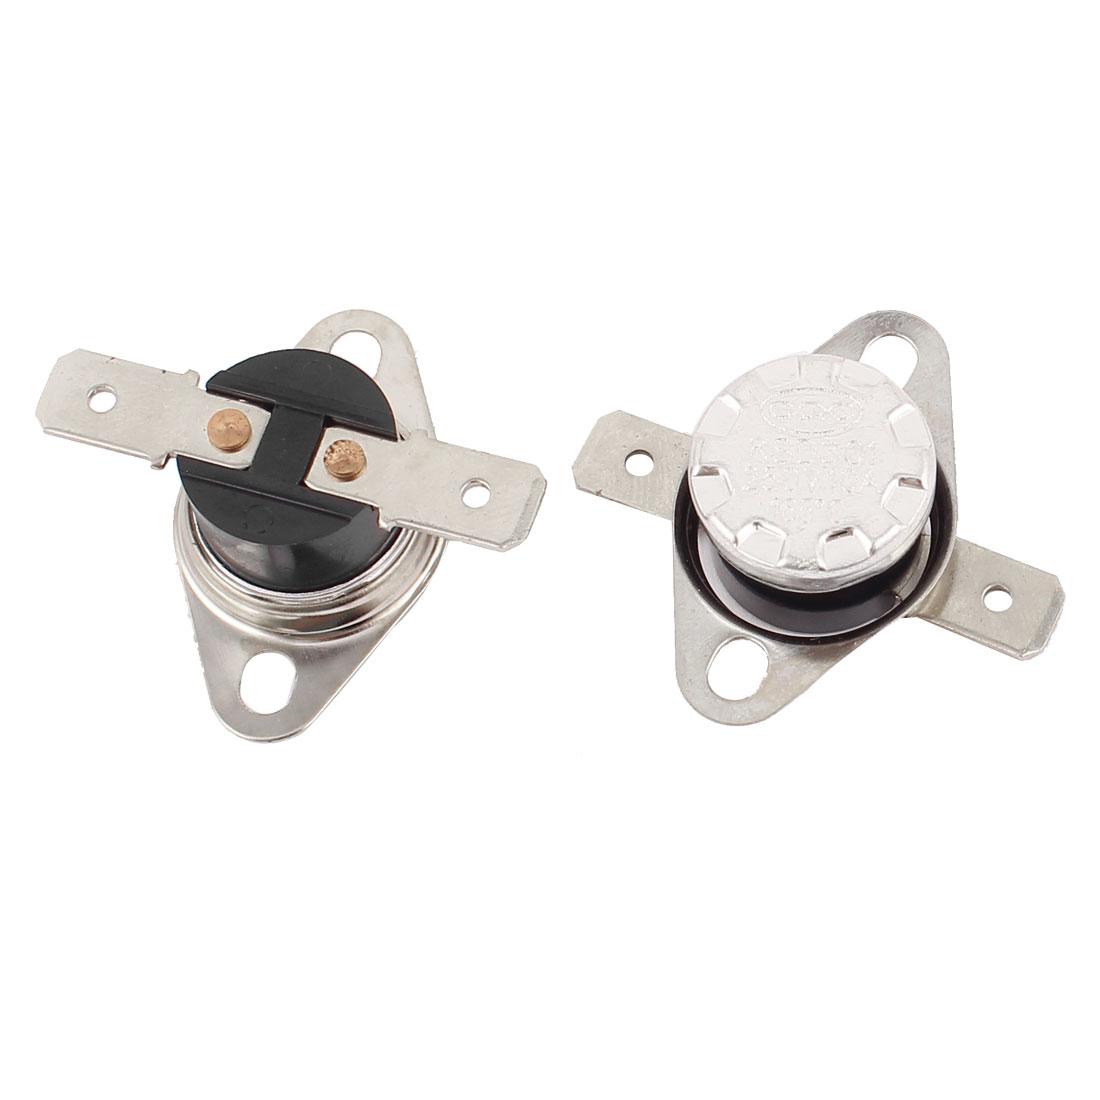 2 Pcs KSD301 Temperature Control Switch Thermostats 250V 10A 165 Celsius N.O.